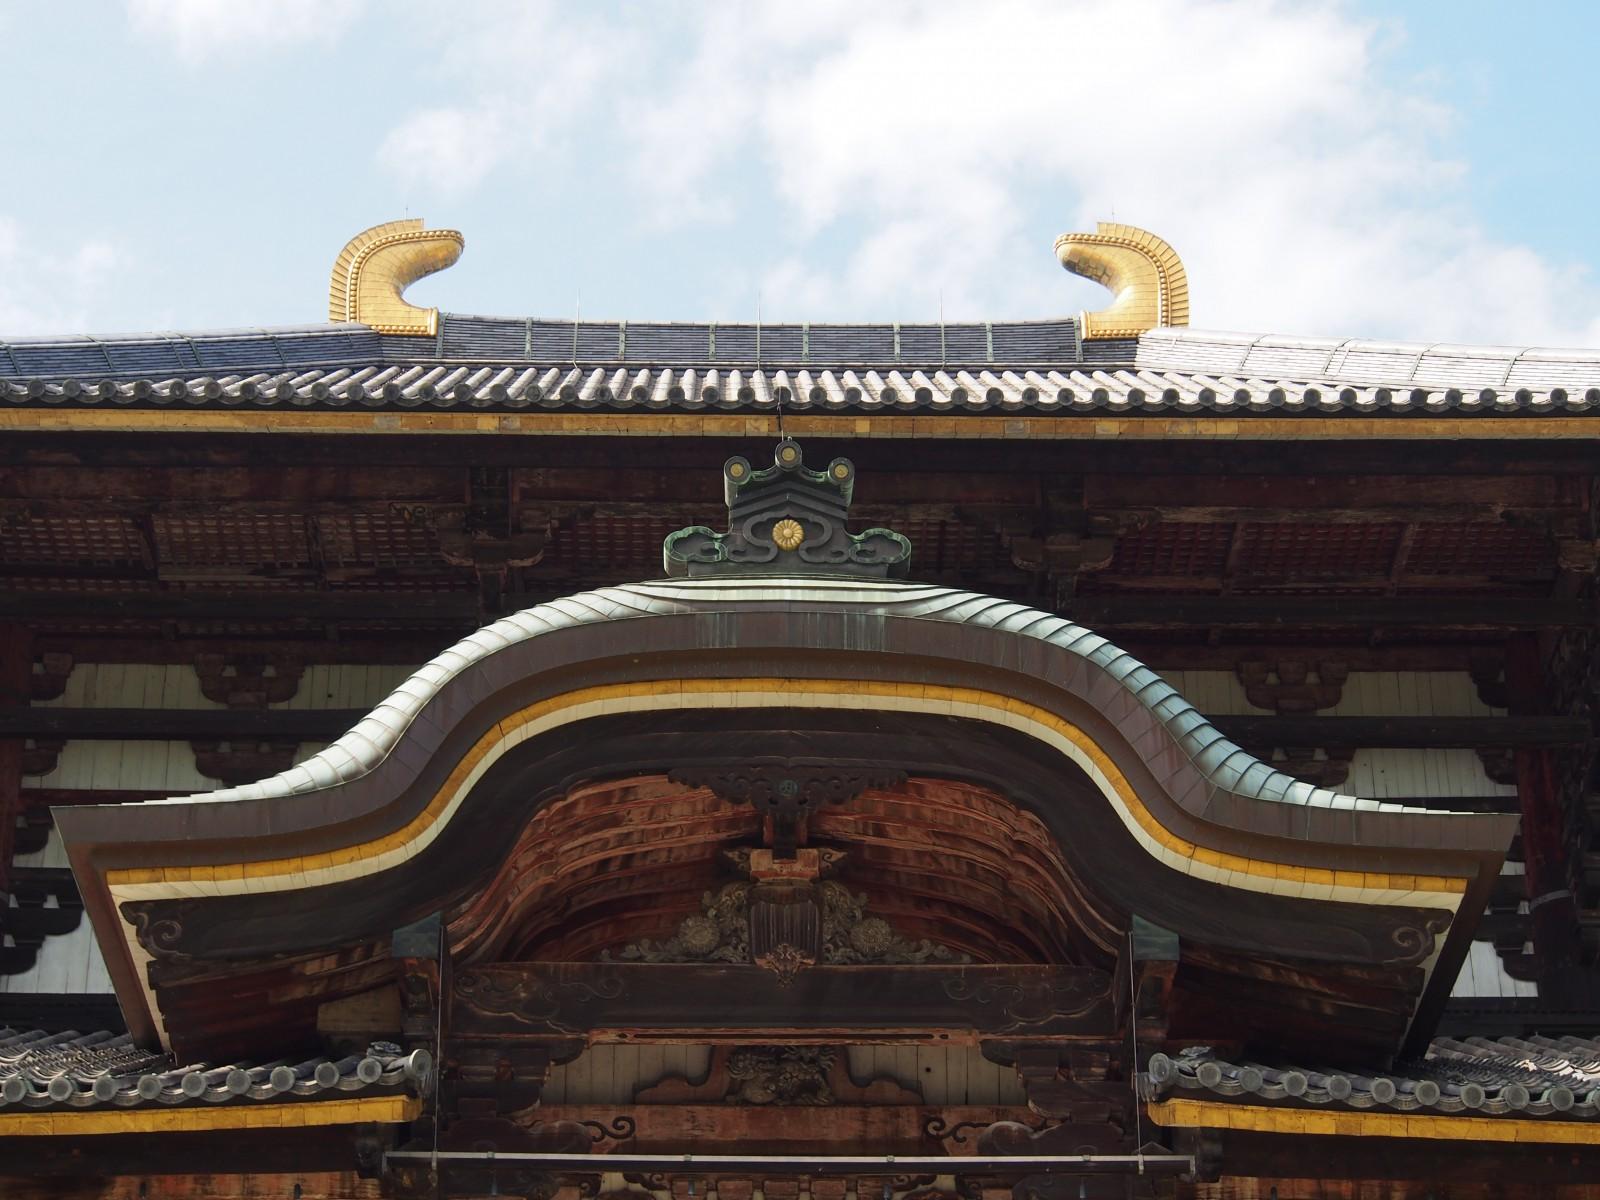 東大寺大仏殿の鴟尾・唐破風